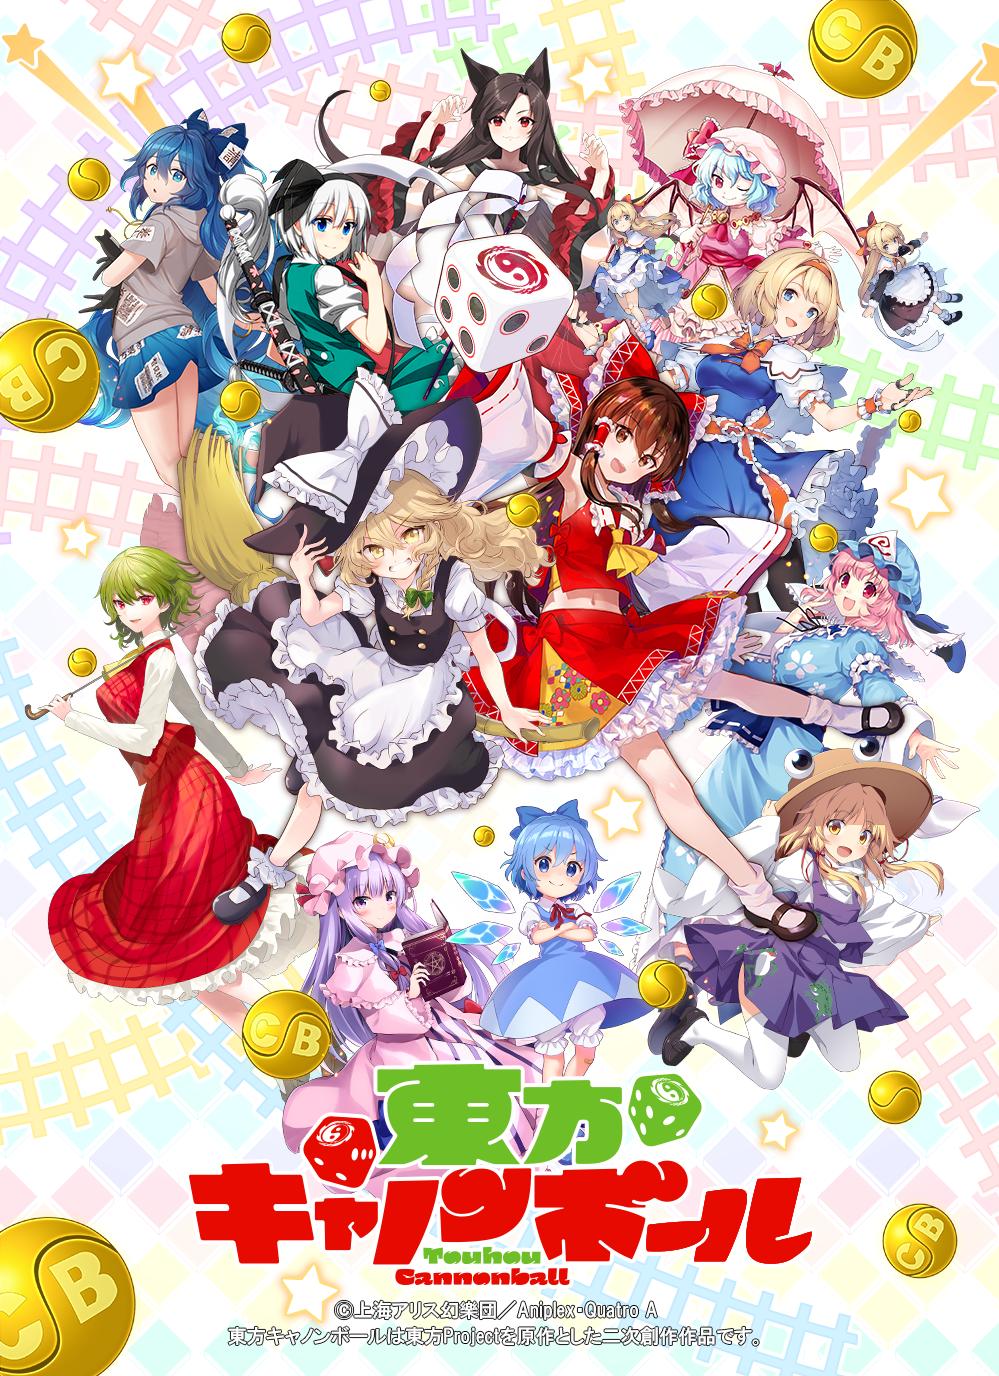 『東方キャノンボール』事前登録キャンペーンがスタート&新PVも公開!